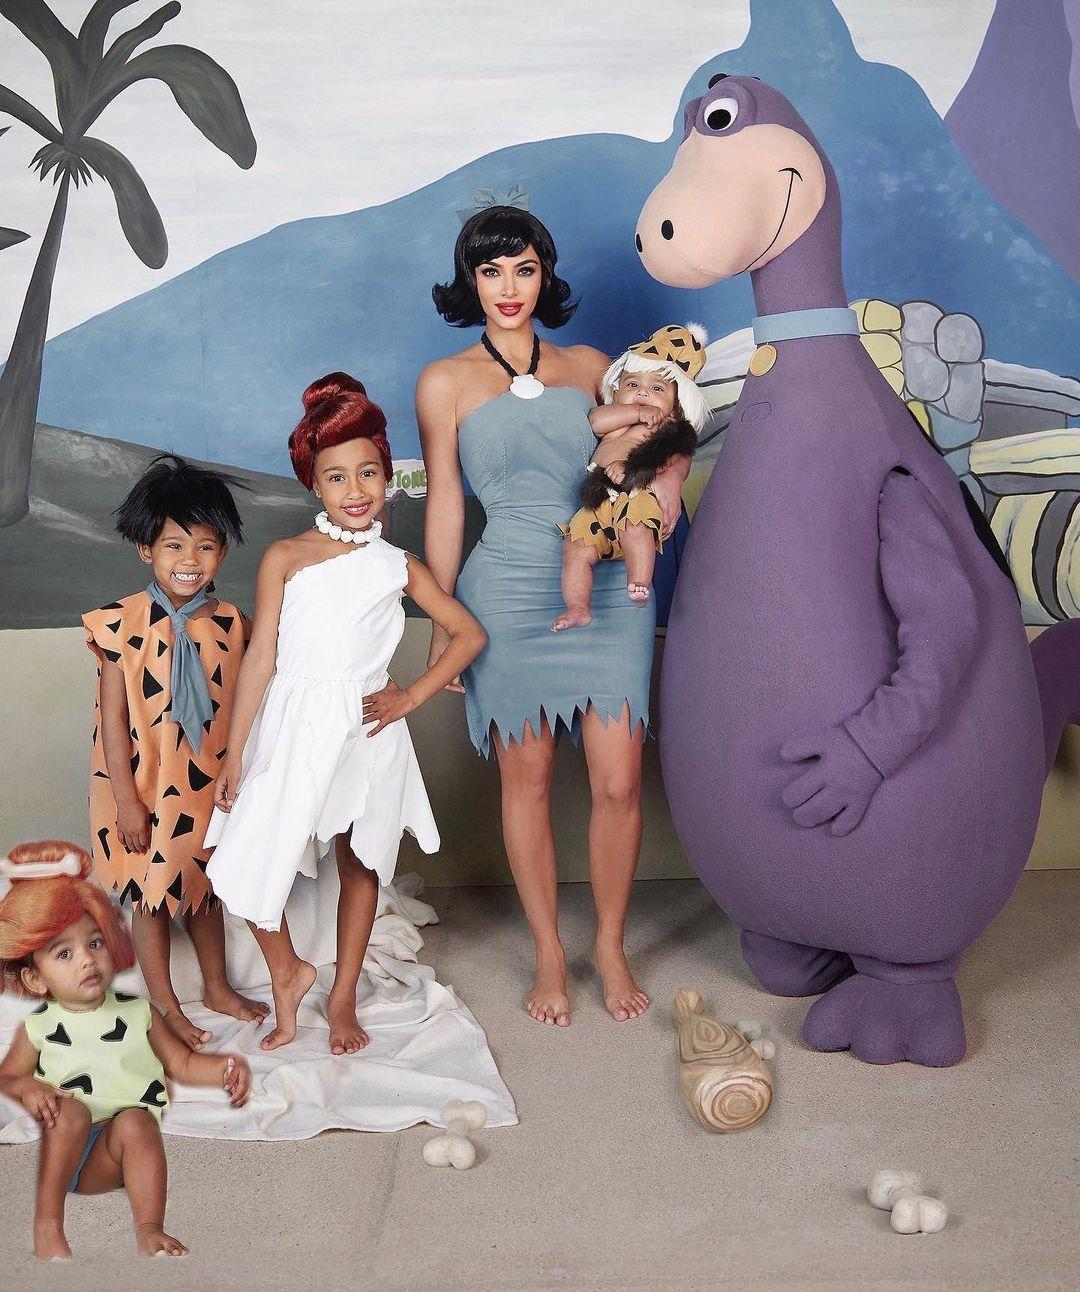 Kardashian West's as The Flintstones